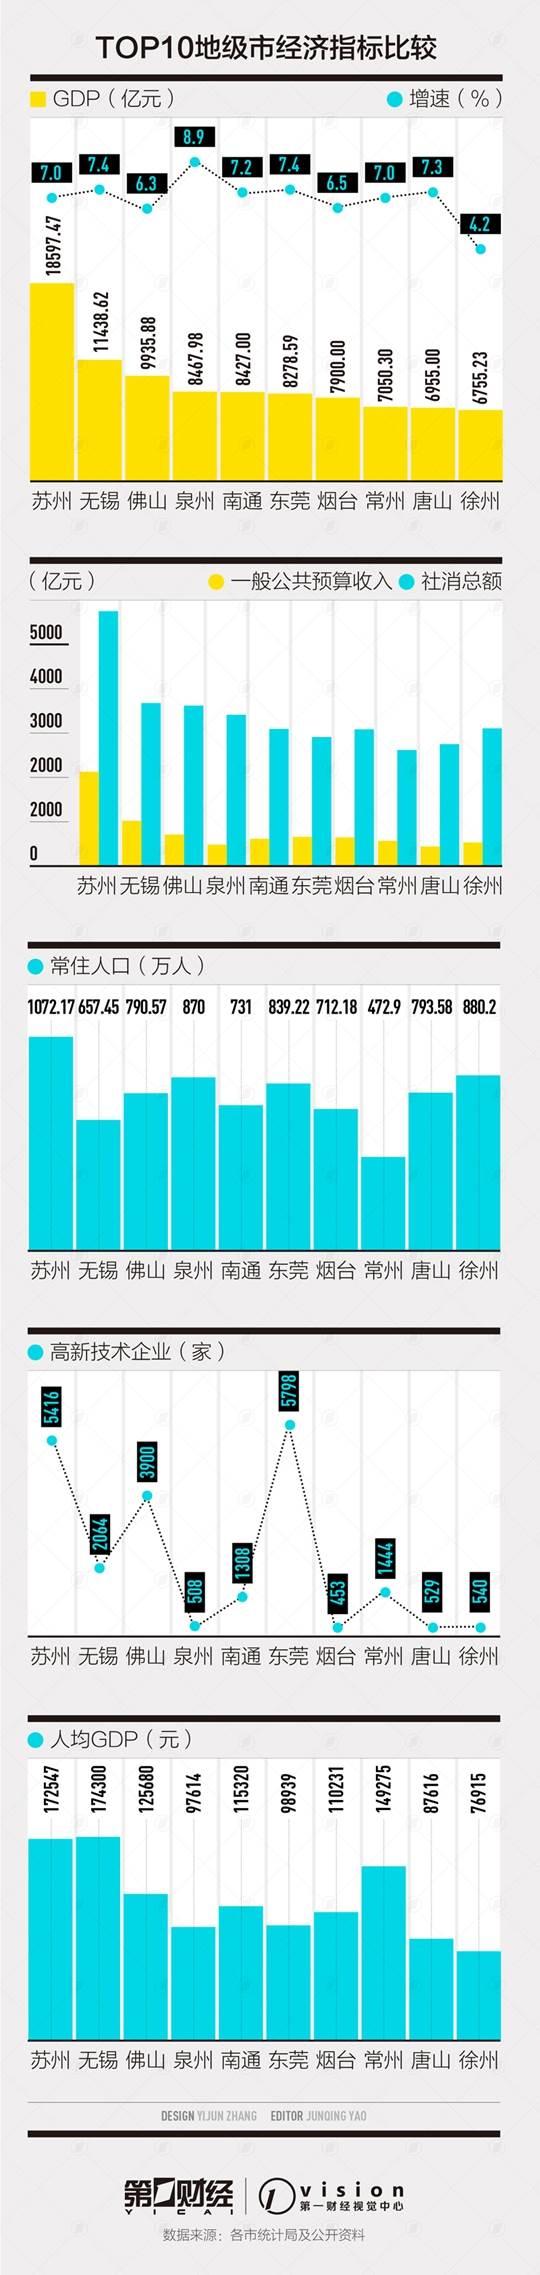 亚洲城市gdp前50强_首次 201616亚洲GDP50强出炉,你的城市上榜了吗